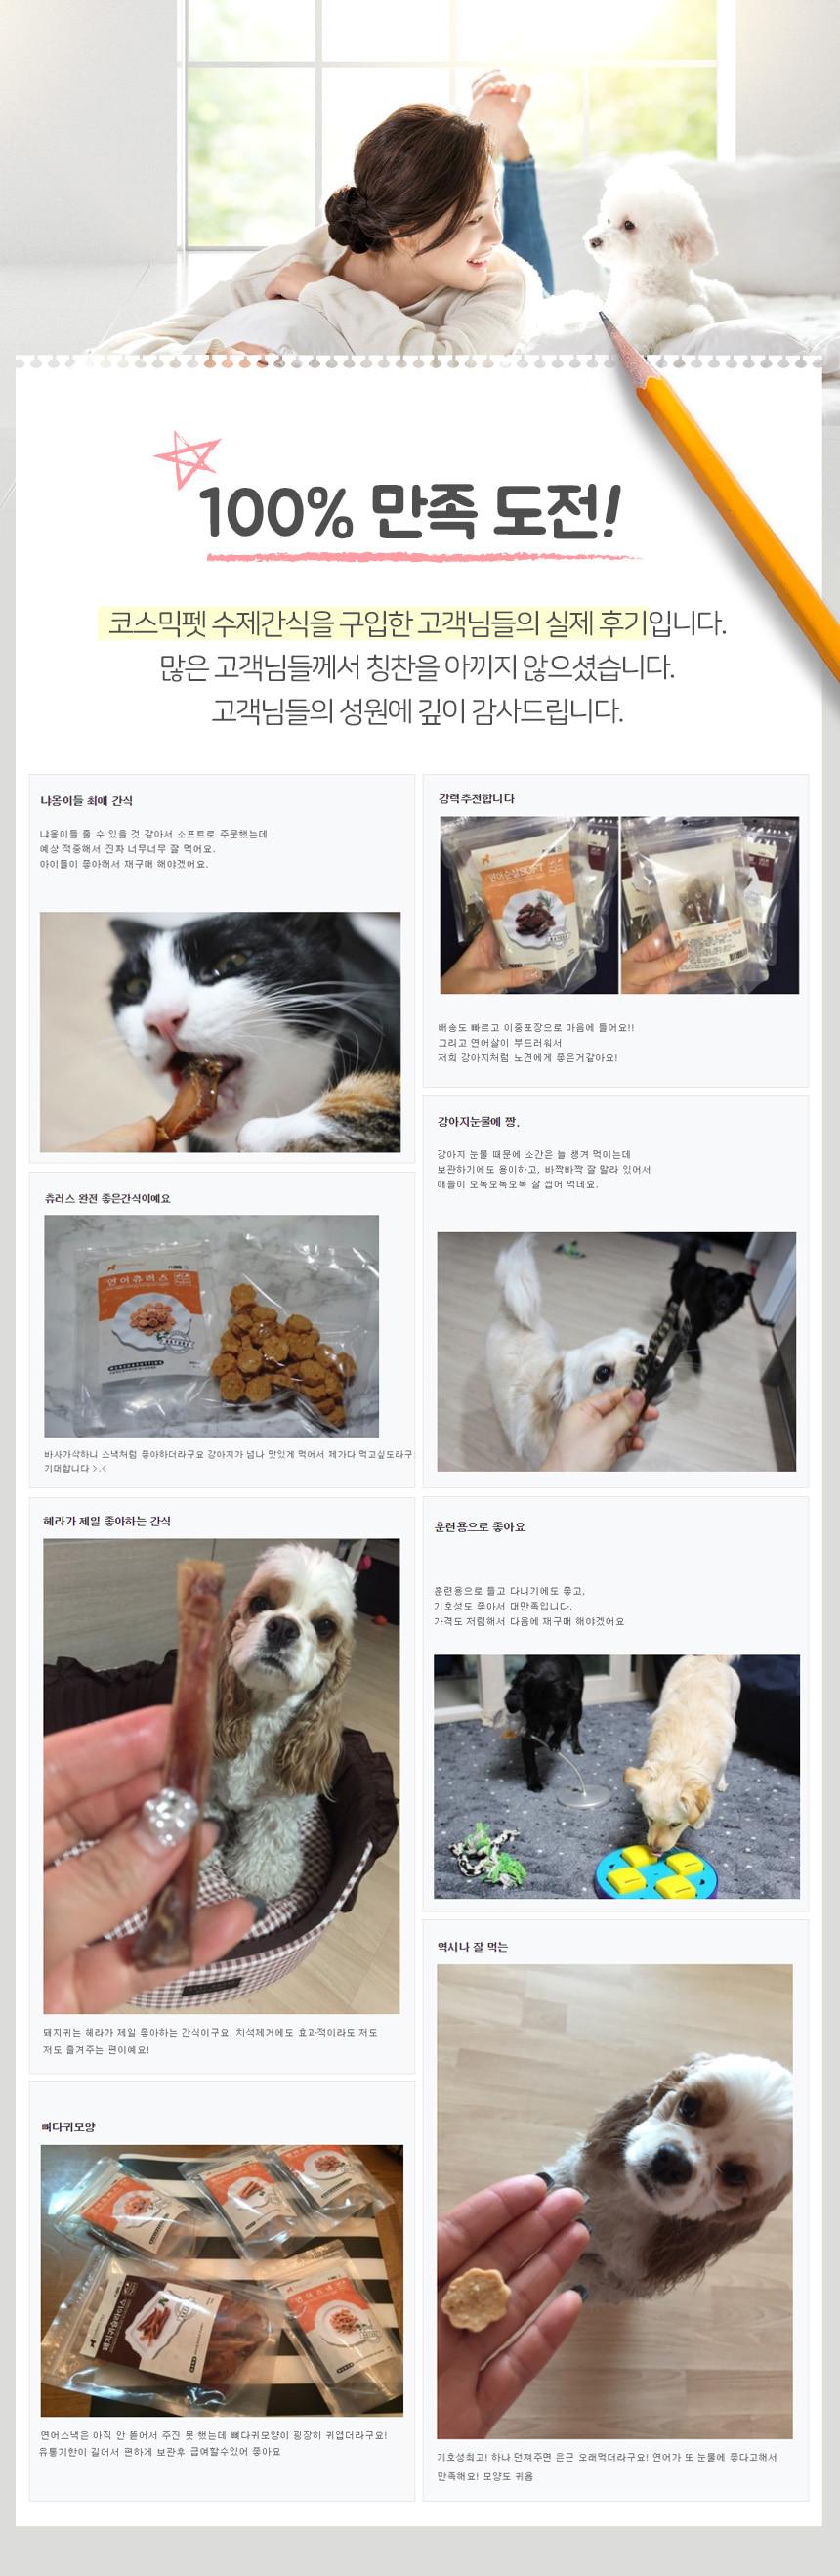 코스믹펫 강아지 수제간식 양고기패티 50g - 코스믹펫, 5,300원, 간식/영양제, 수제간식